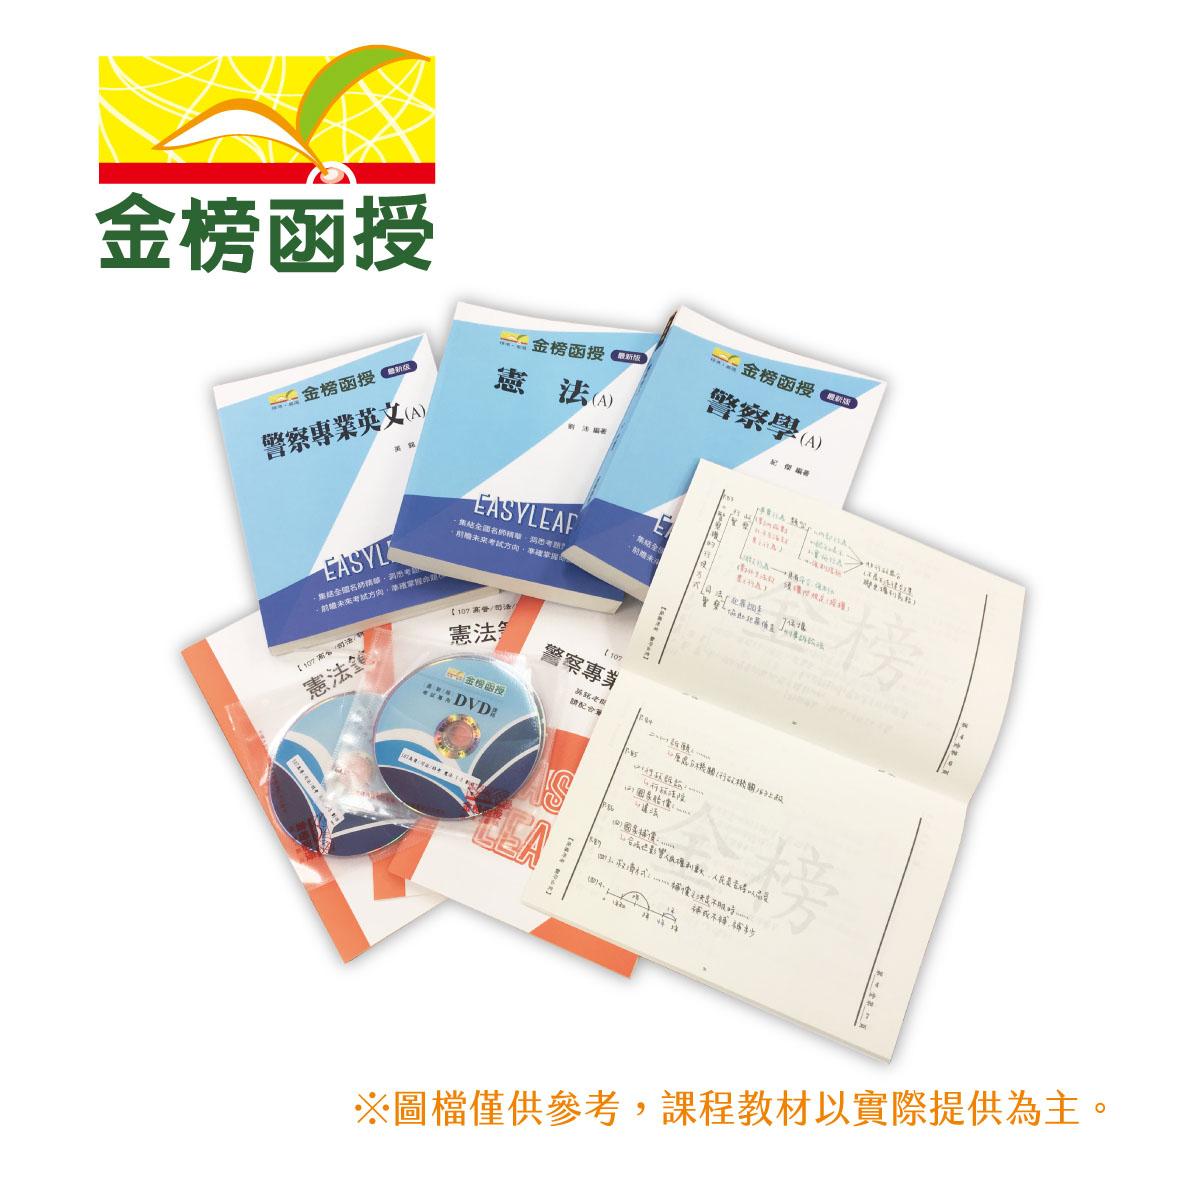 108金榜函授/高考三级/年度课程/全套/人事行政/云端